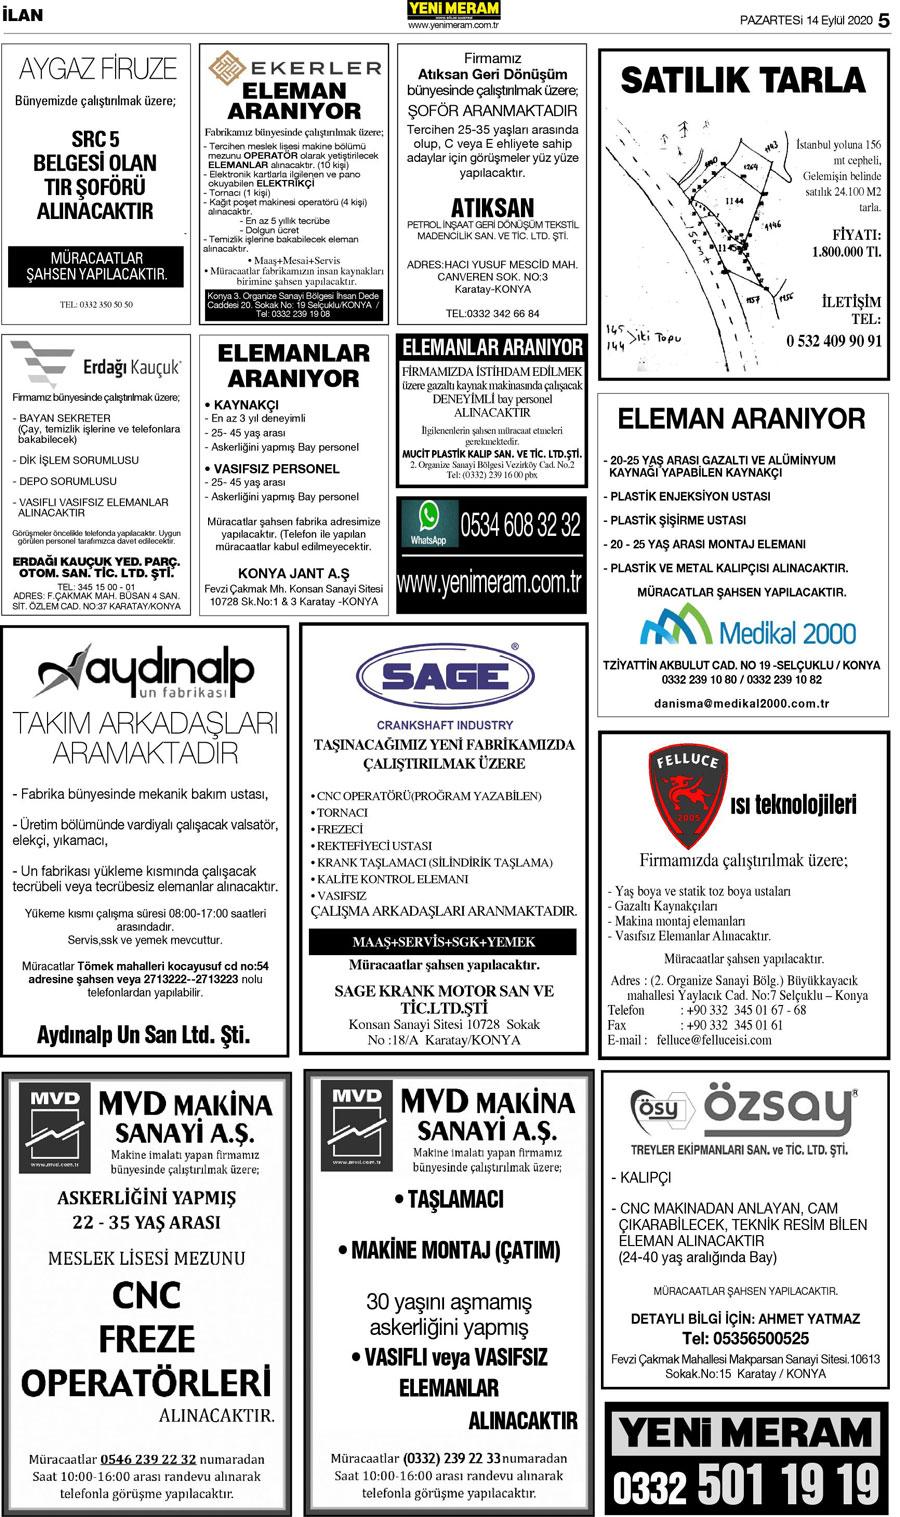 13 Eylül 2020 Yeni Meram Gazetesi - Sayfa 5 / 16 - Yeni Meram